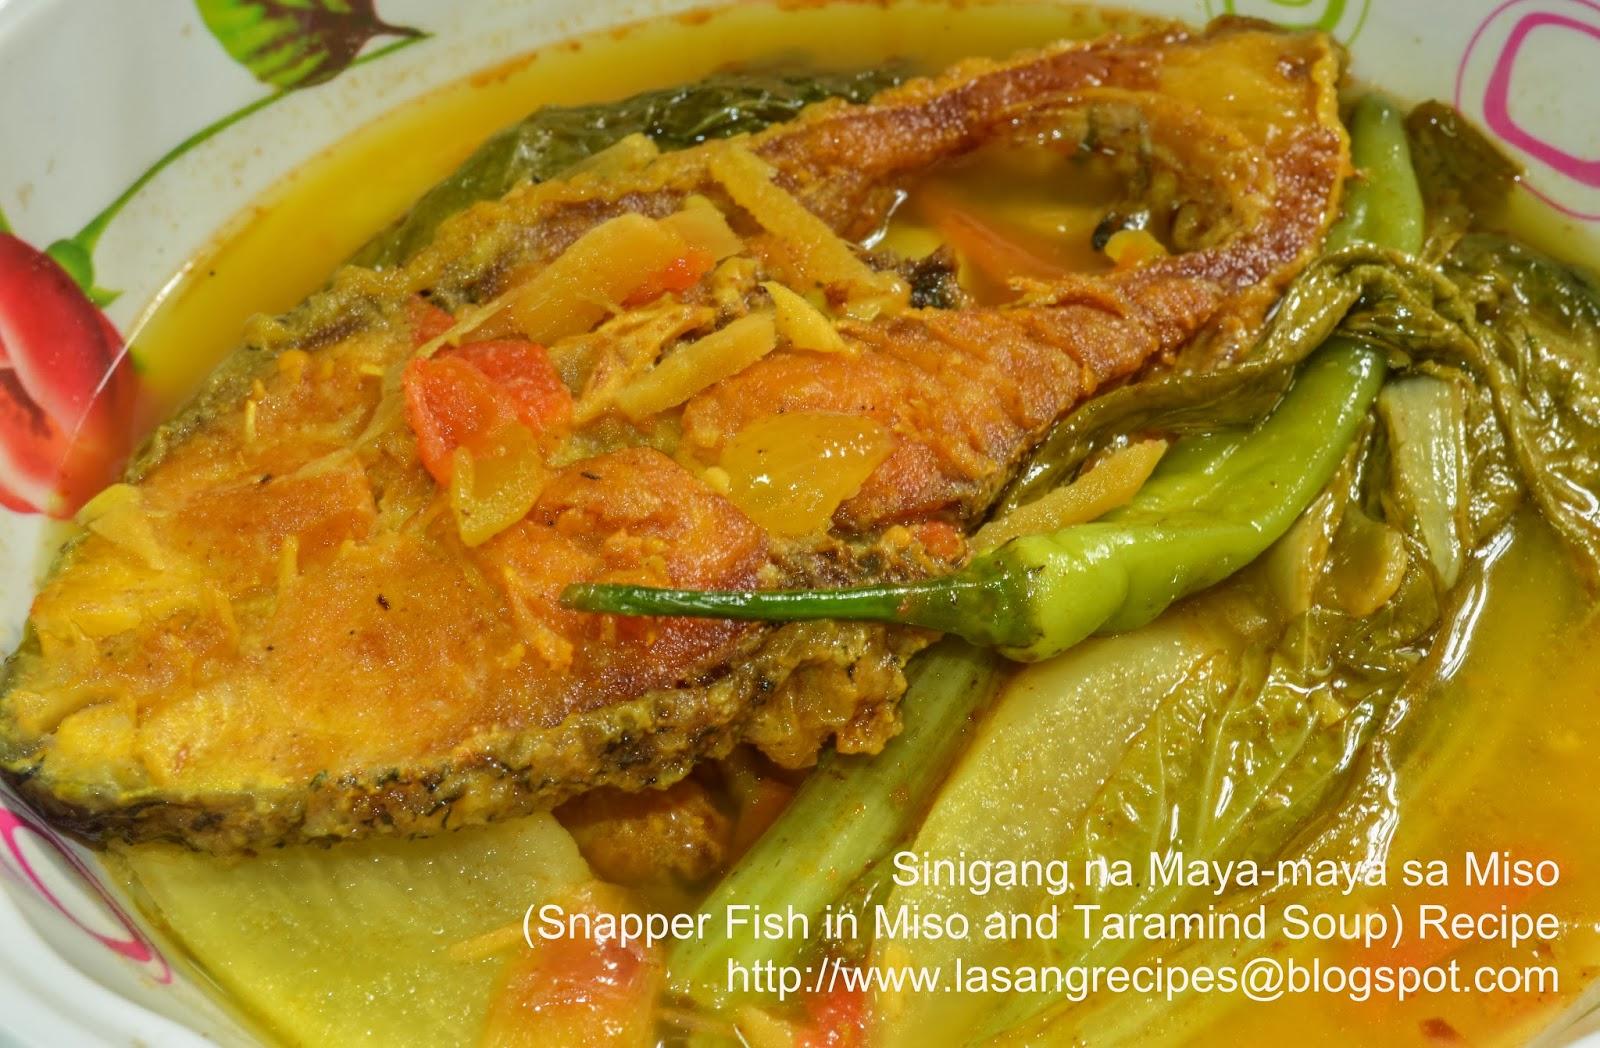 Lasangrecipes Sinigang Na Maya Maya Sa Miso Snapper Fish In Miso And Taramind Soup Recipe